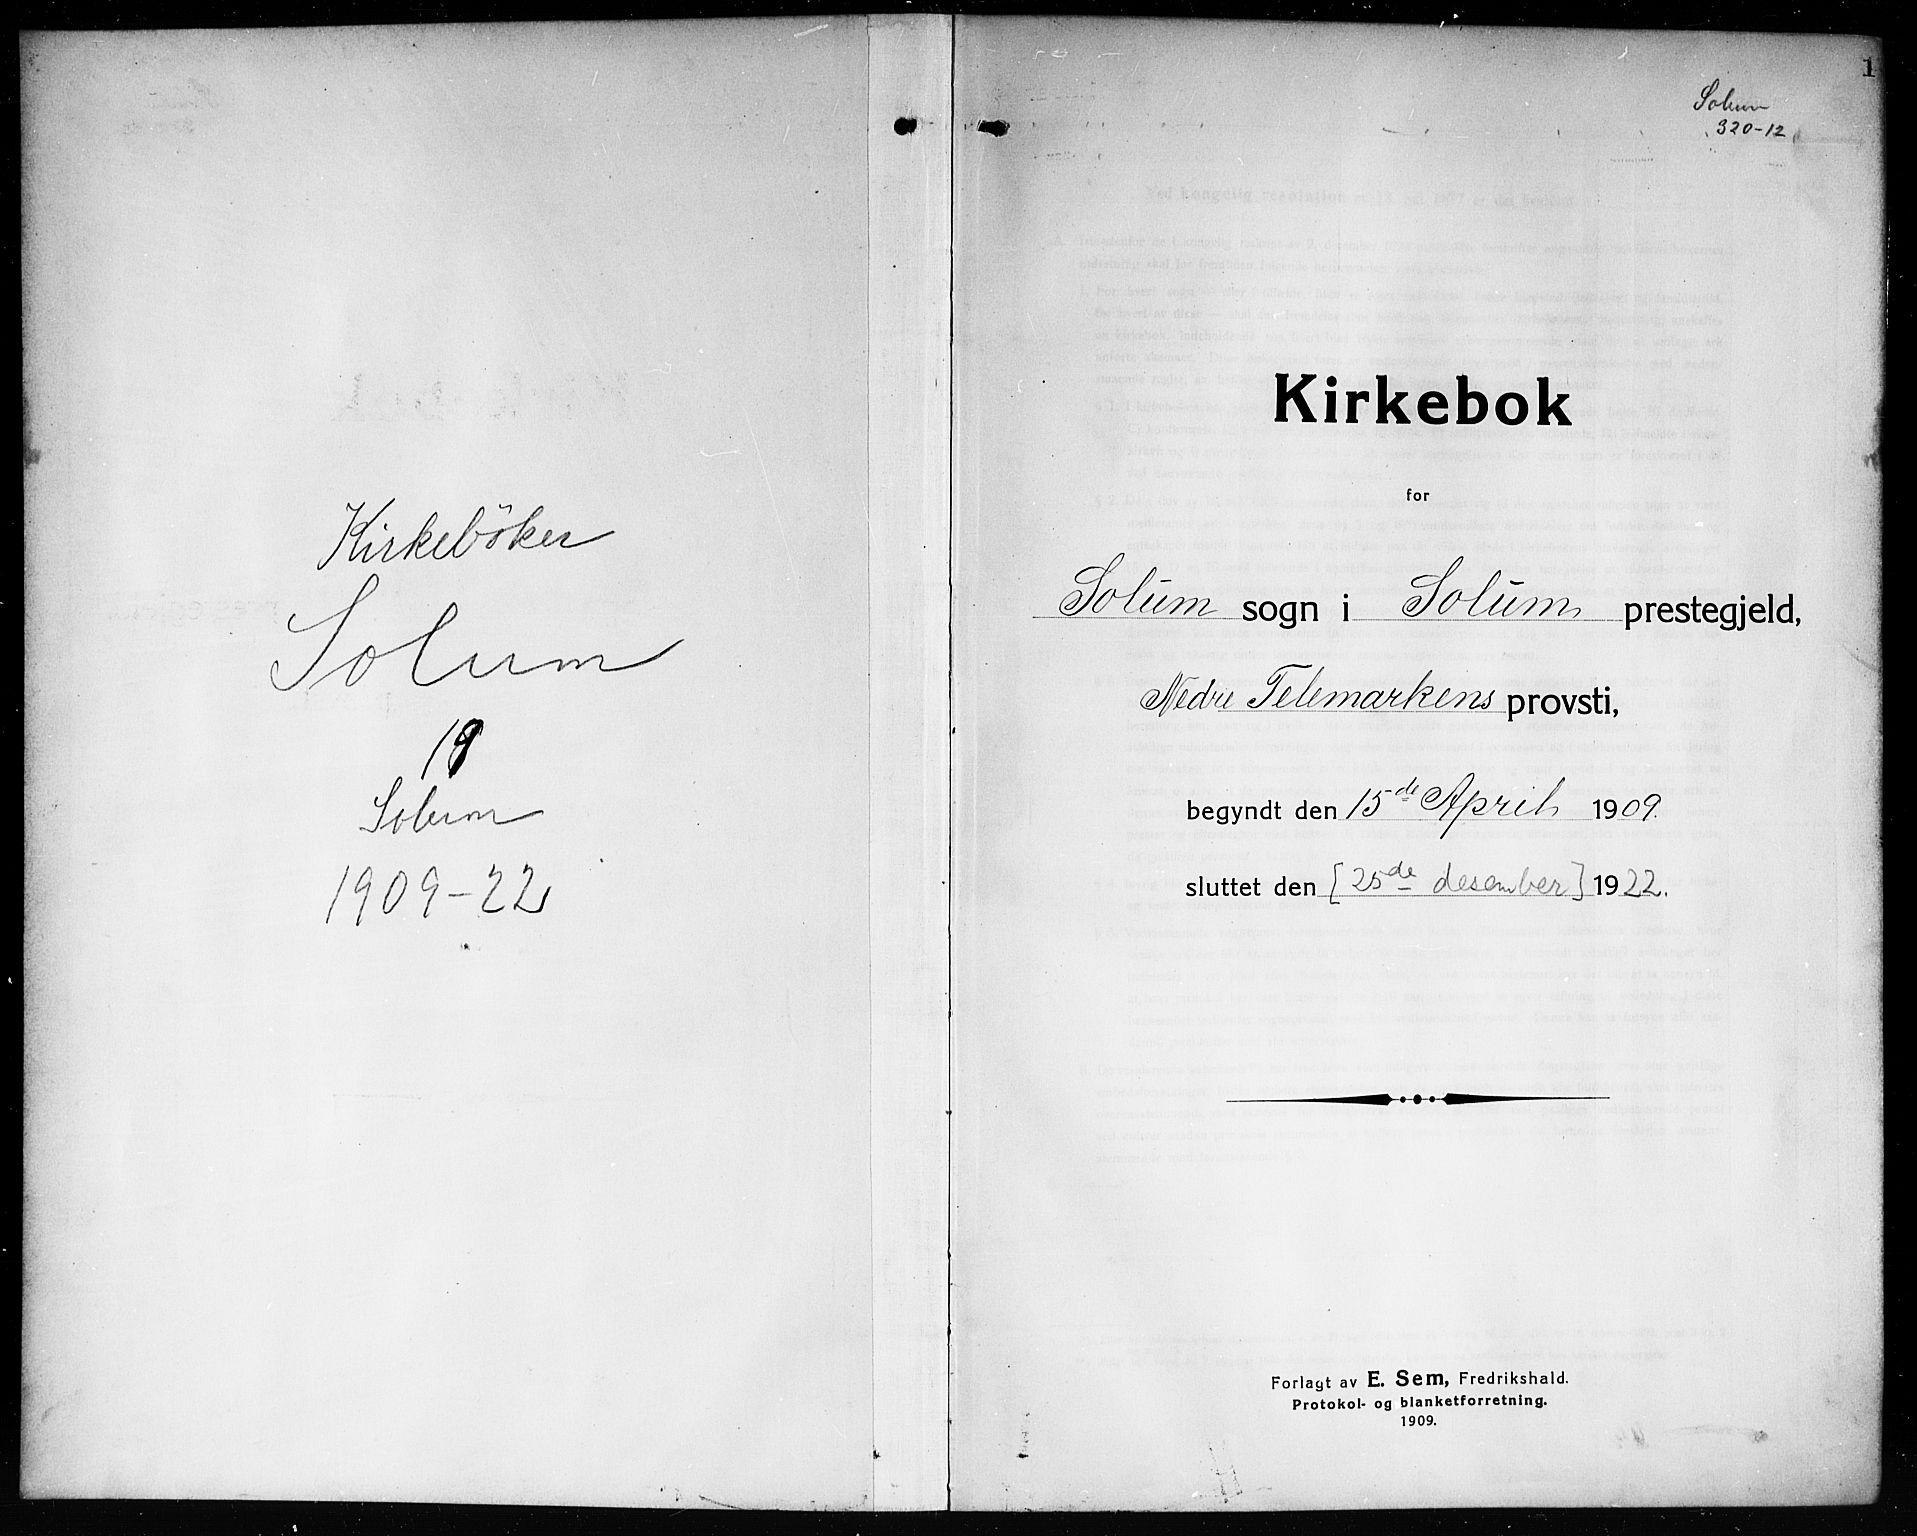 SAKO, Solum kirkebøker, G/Ga/L0009: Klokkerbok nr. I 9, 1909-1922, s. 1